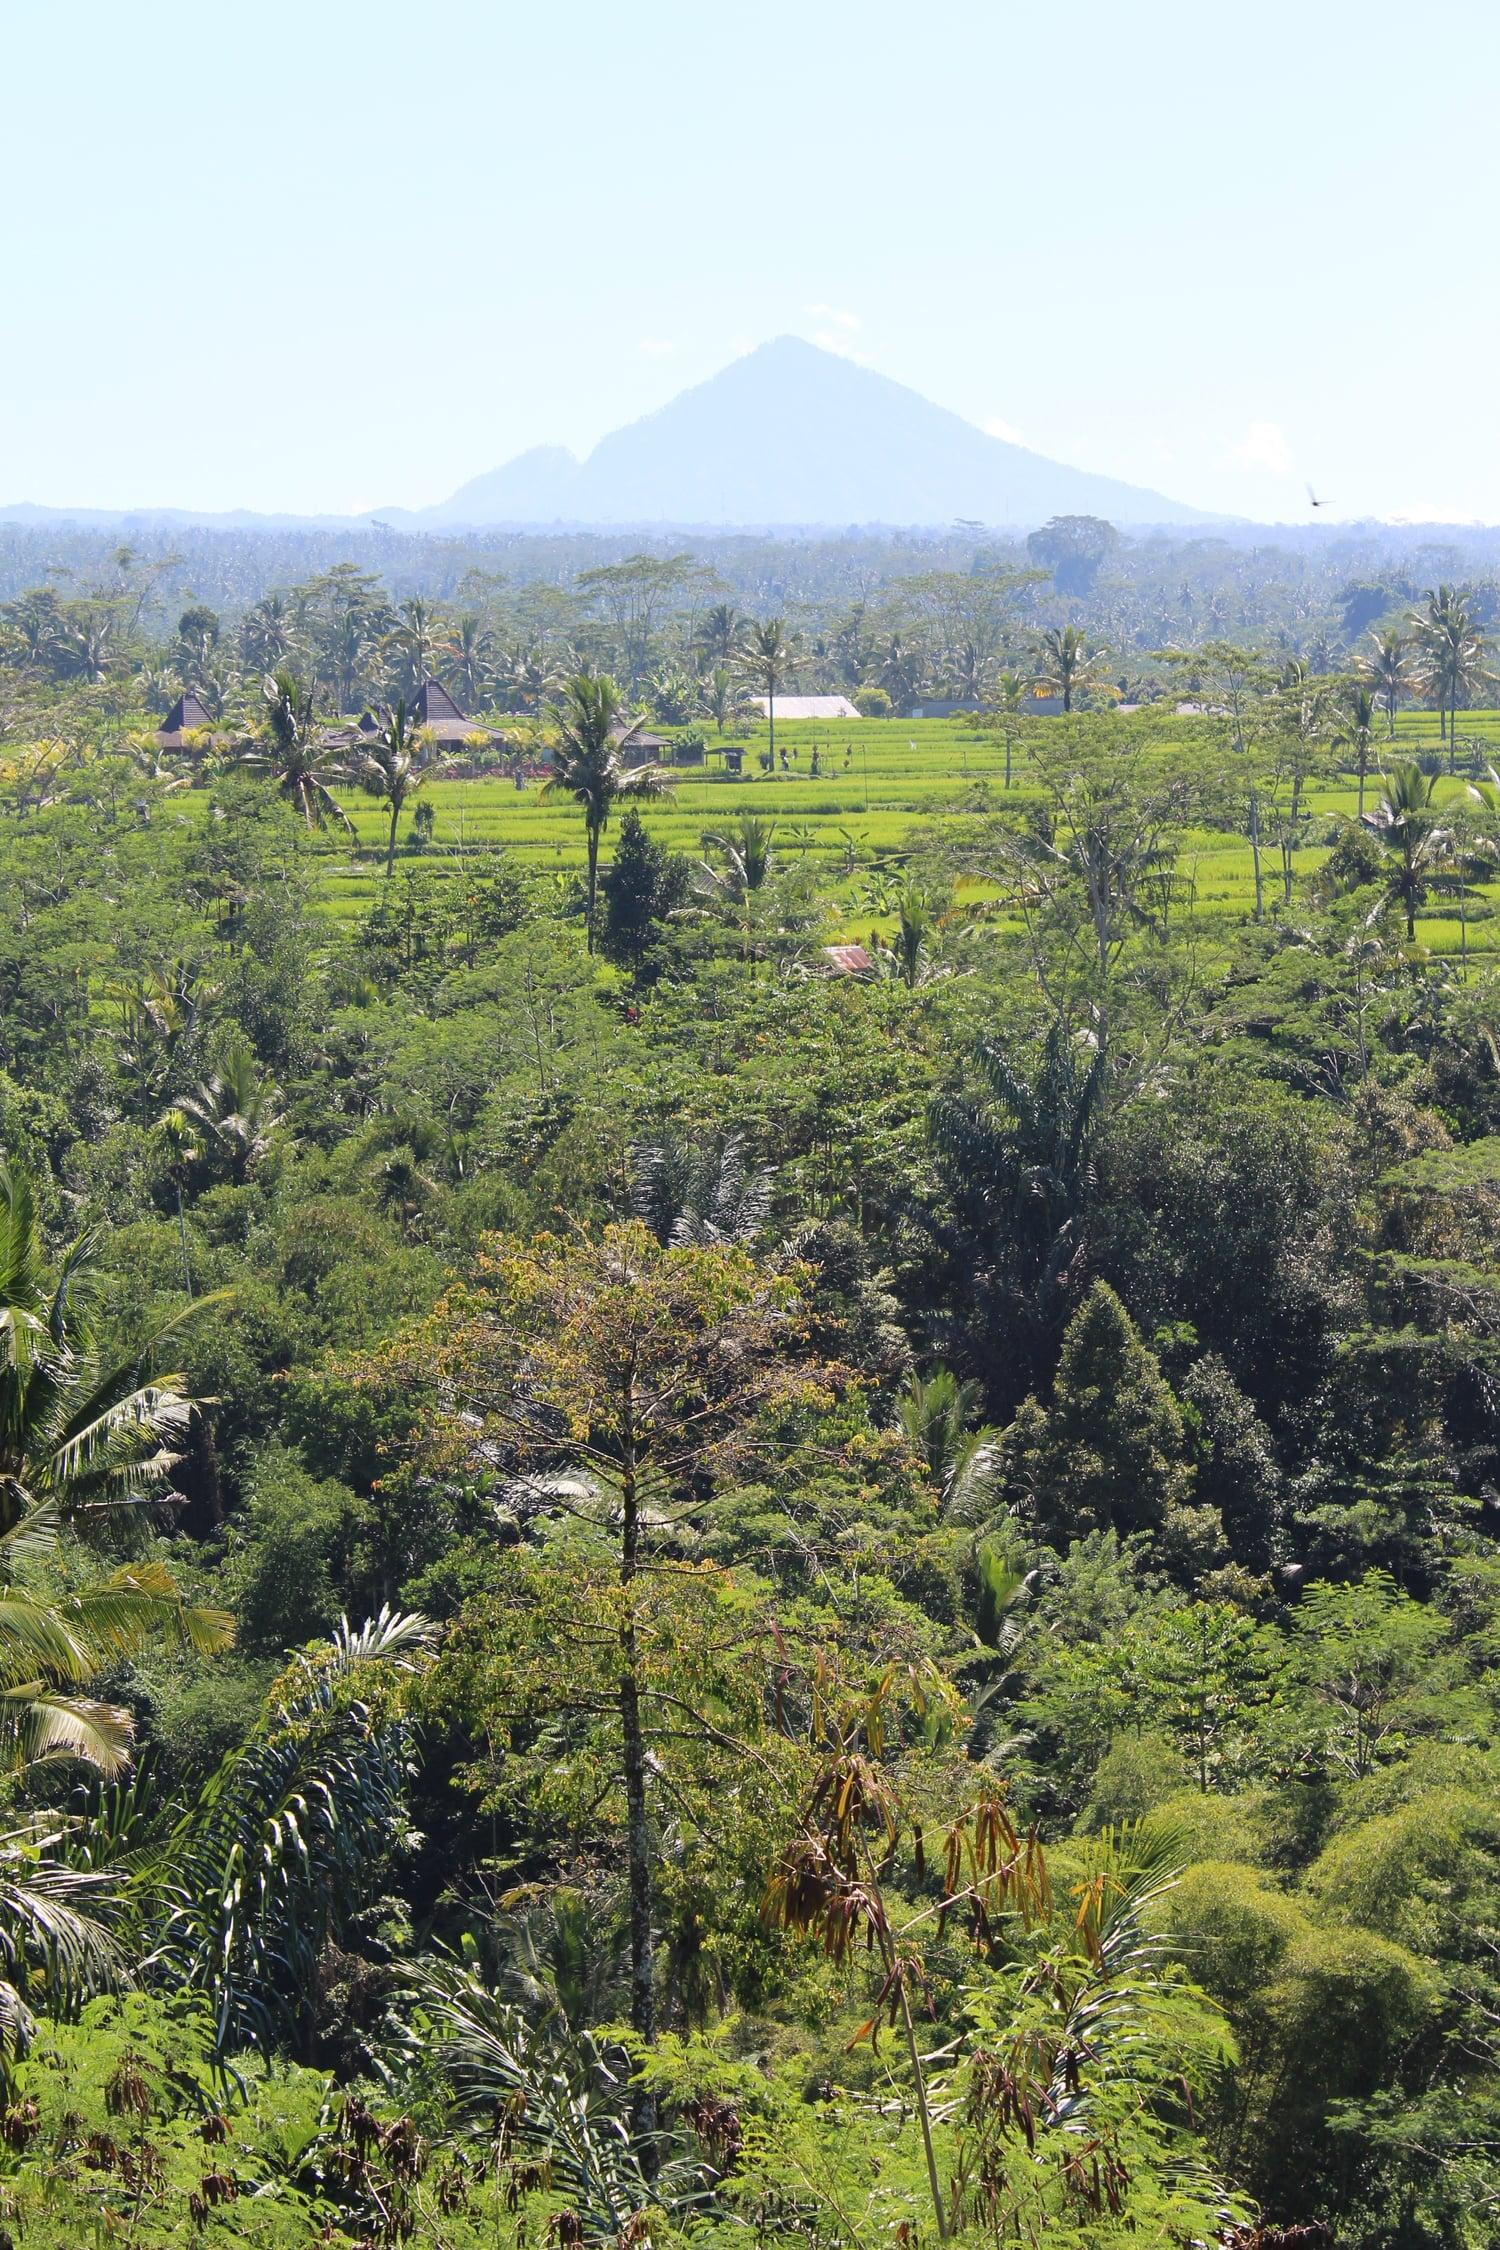 Ubud, Bali, Indonesia Overview